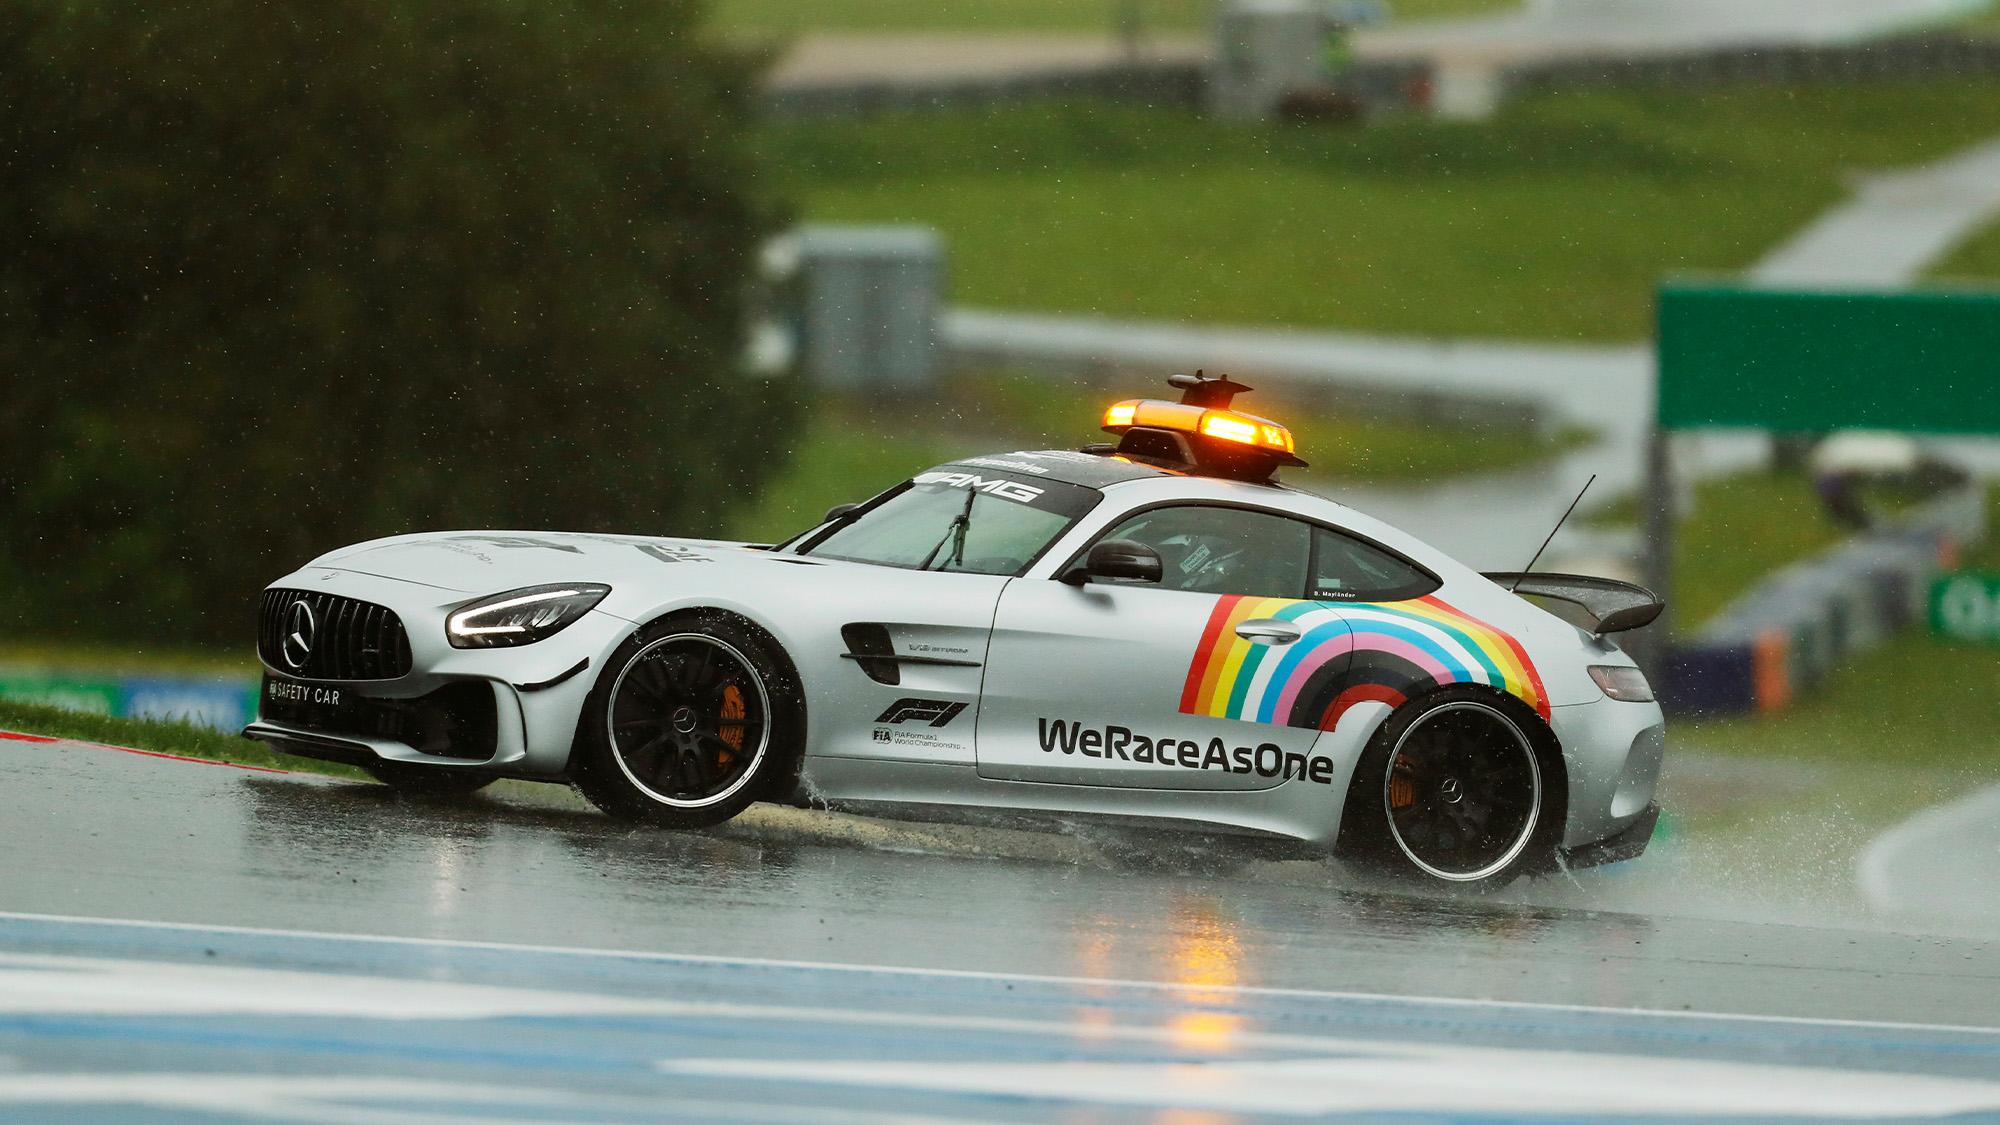 WeRaceAsOne rainbow logo on F1 safety car